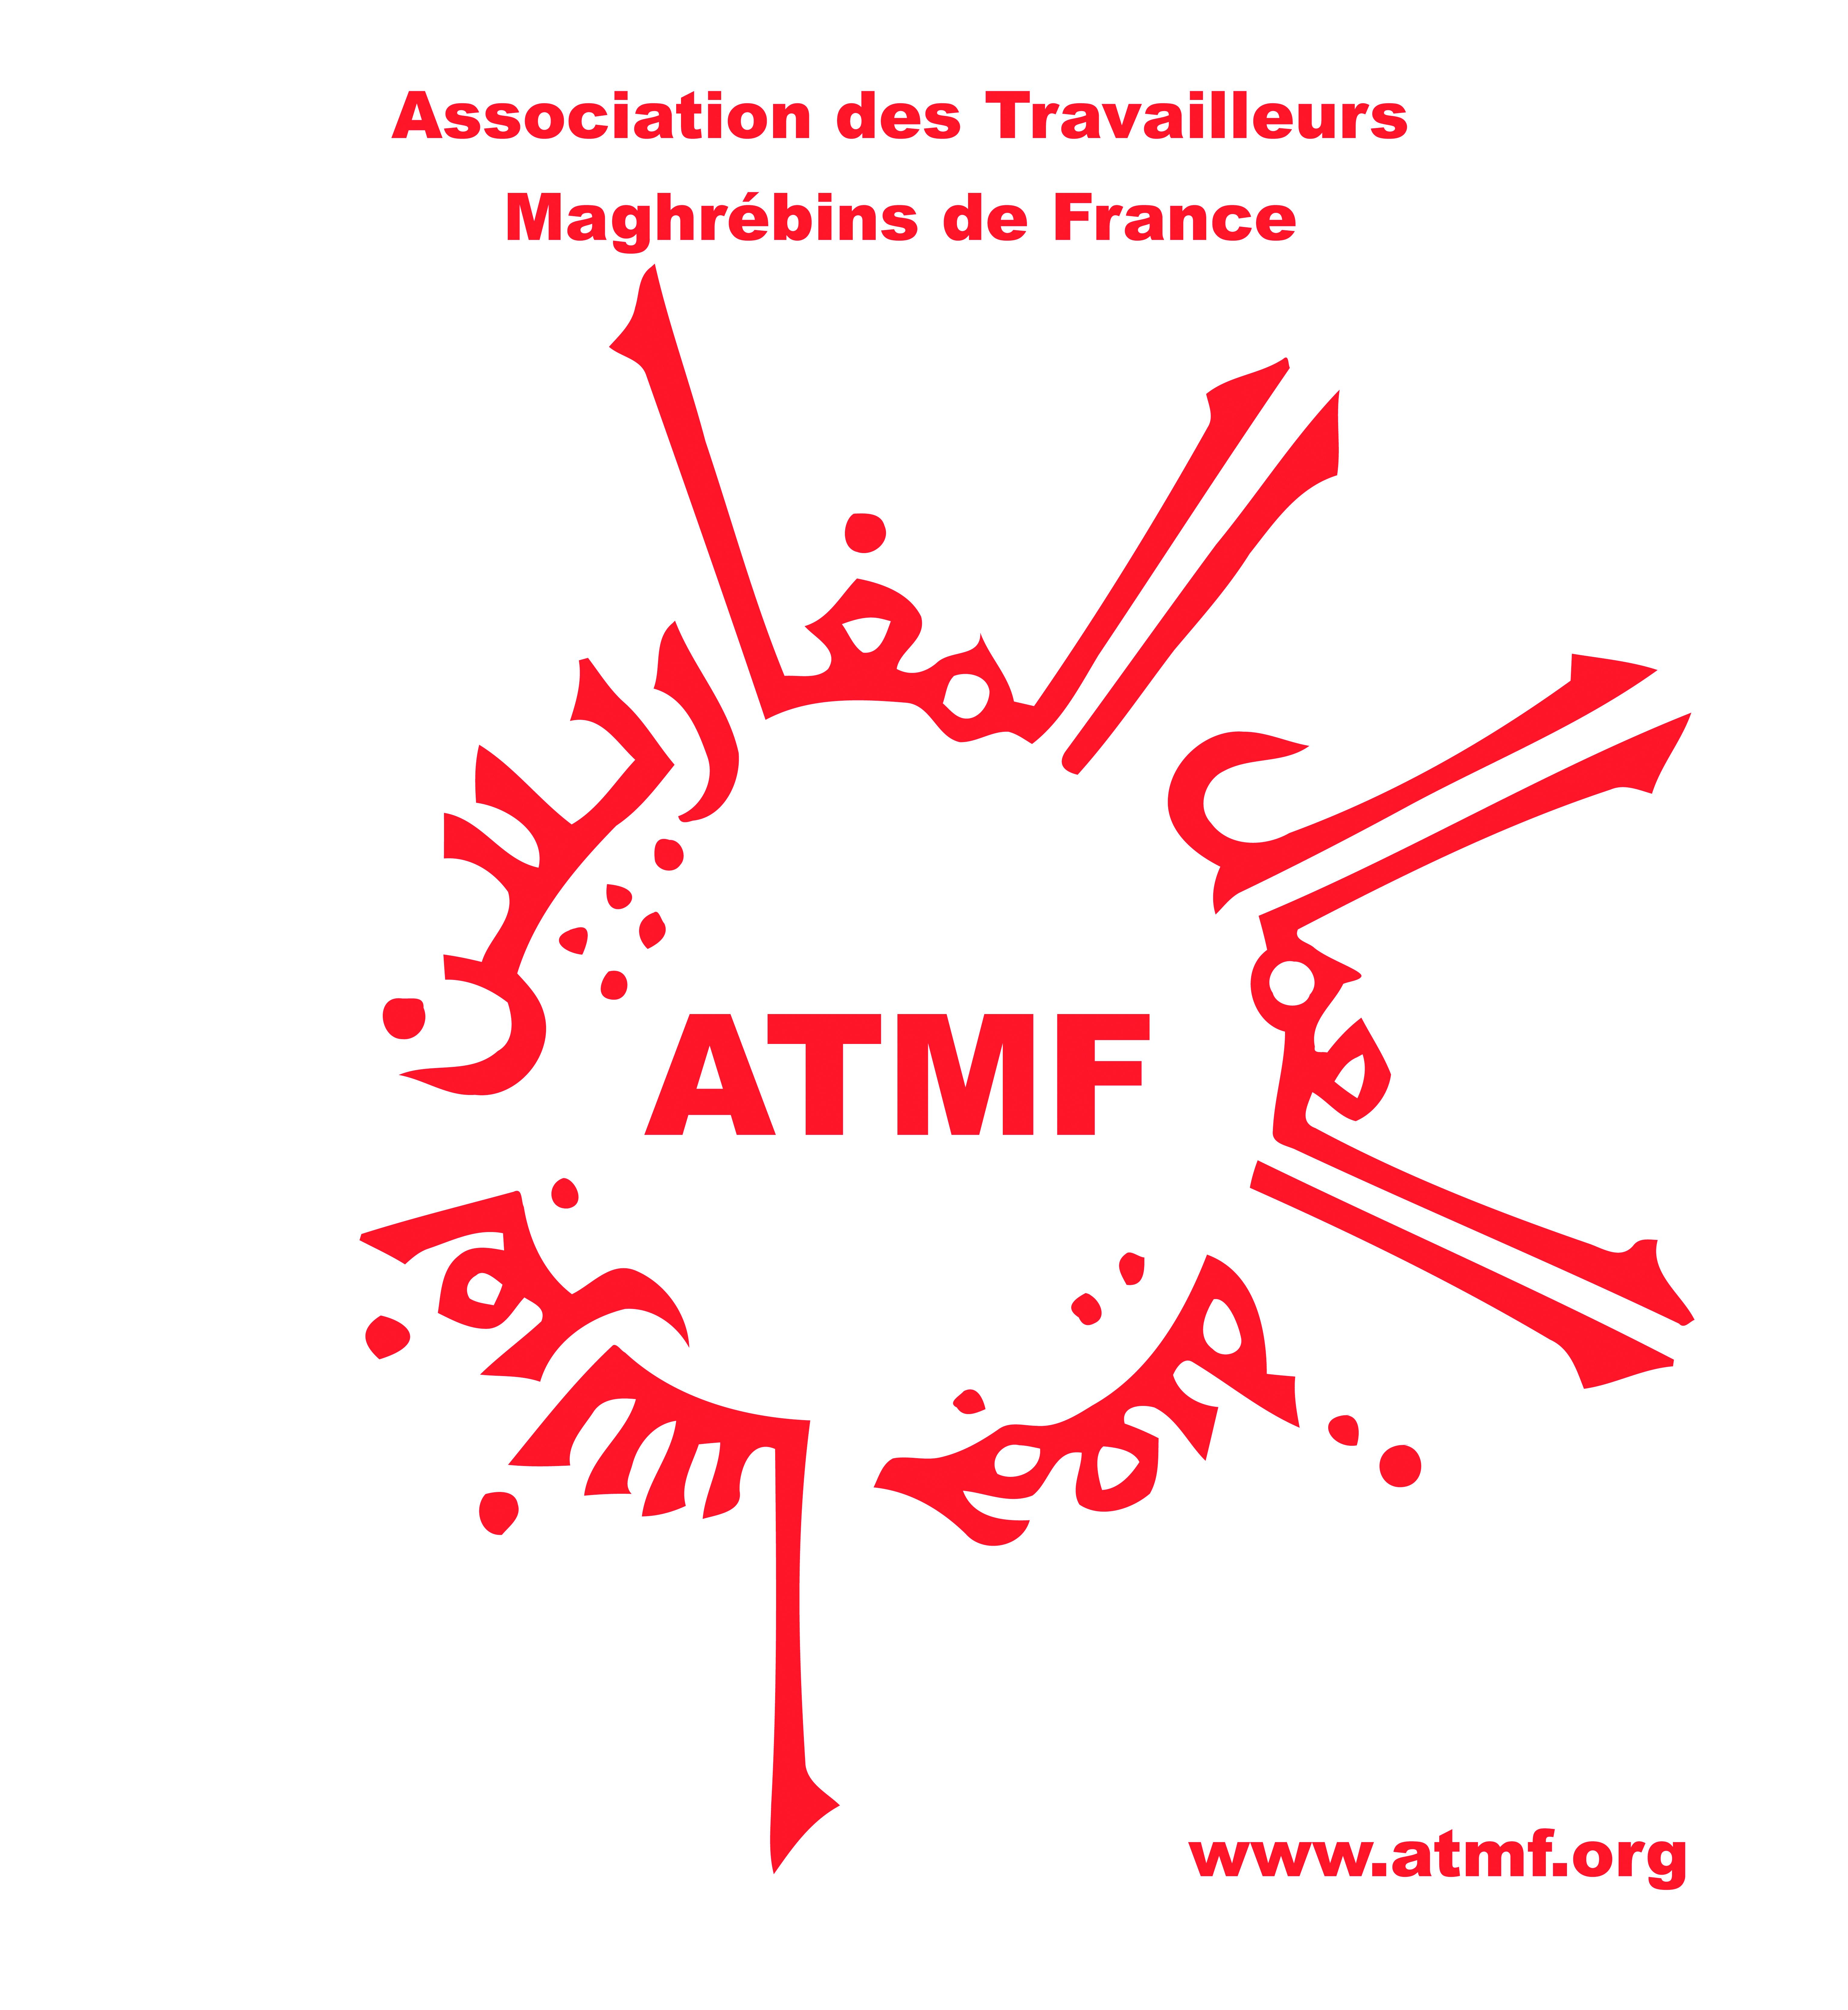 Association des Travailleurs Maghrebins de France